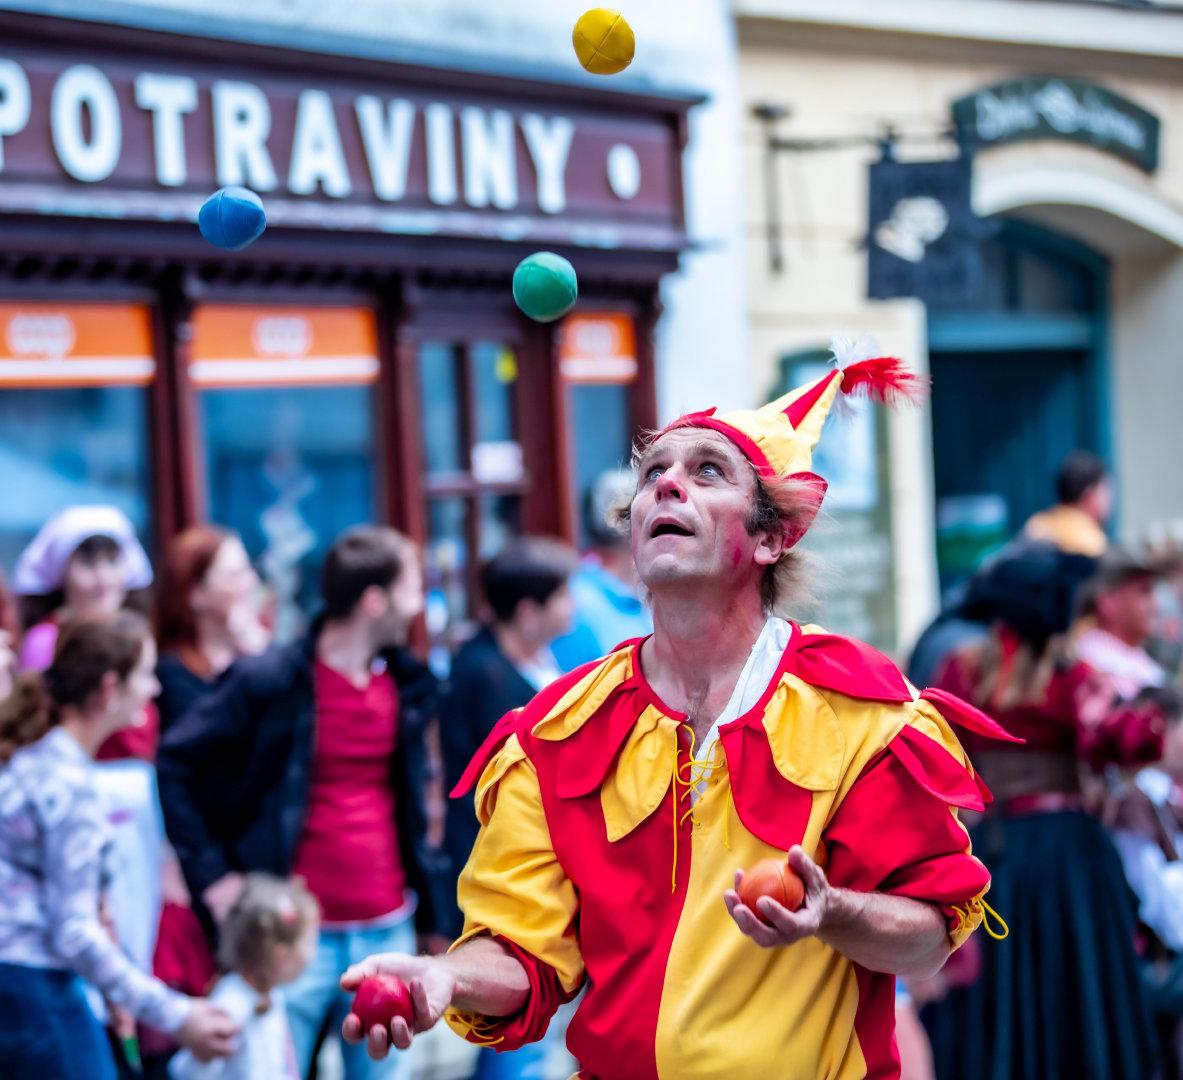 各个街道中办成小丑的人物高清摄影图